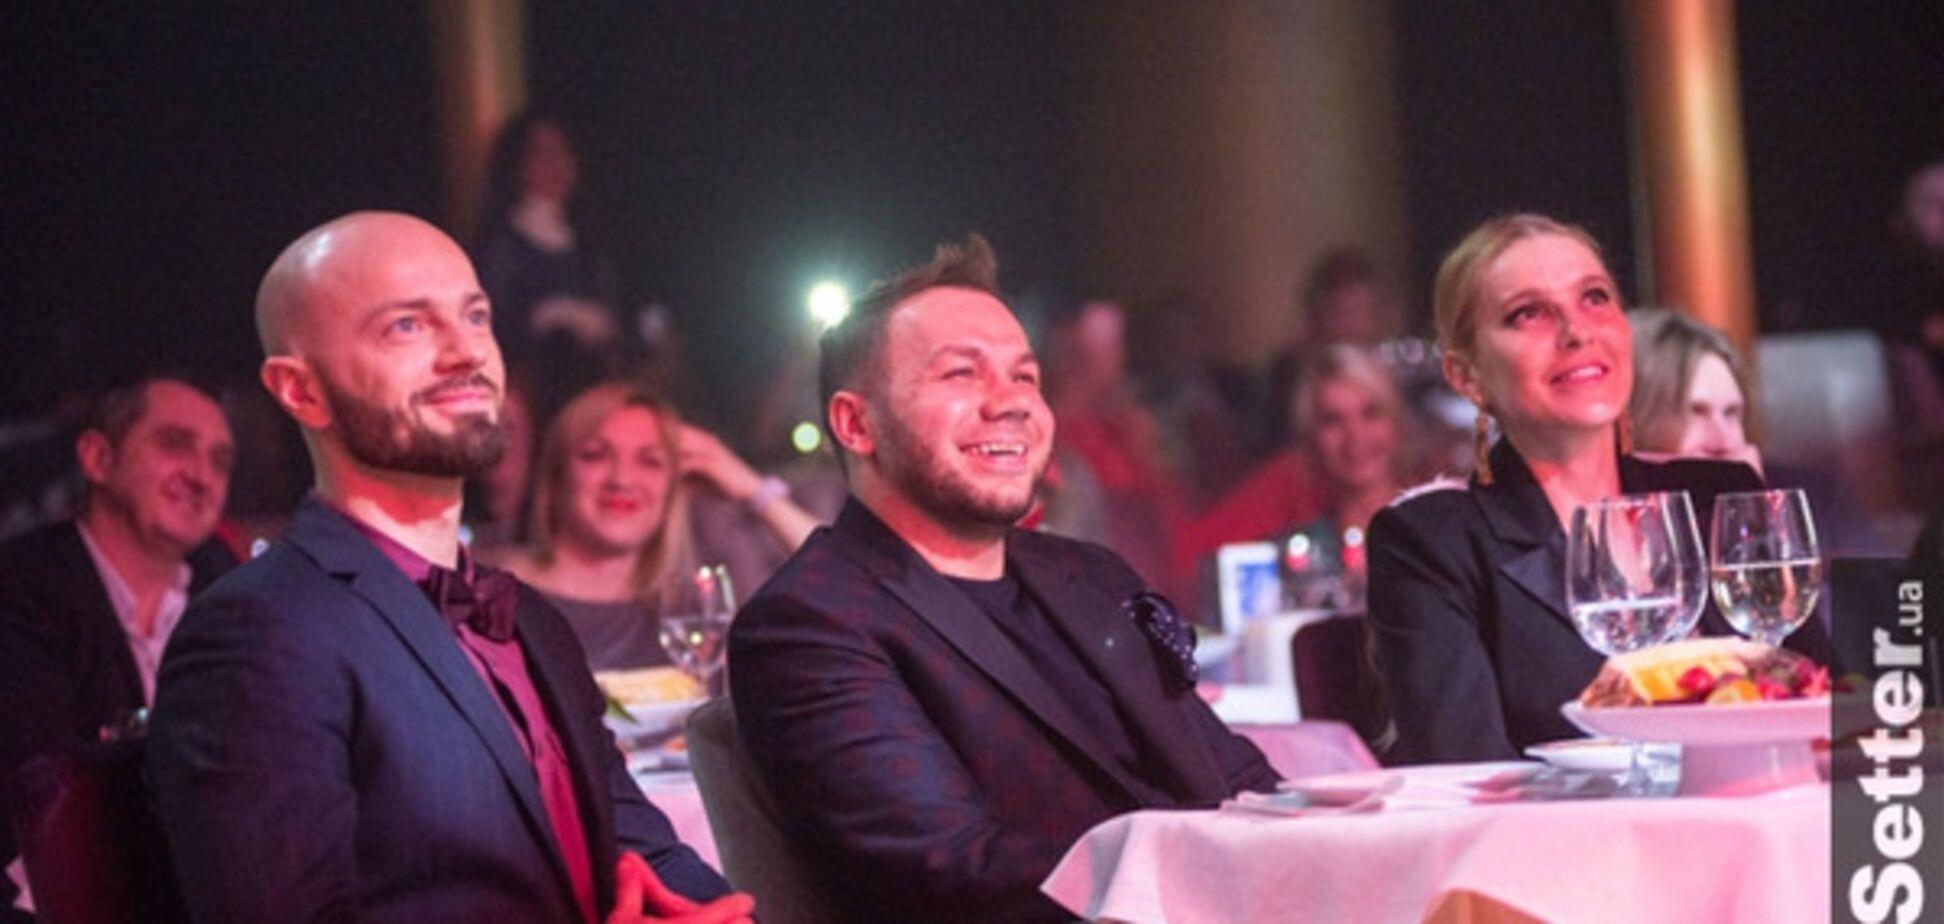 В Киеве впервые наградили лучших мужчин: опубликованы фото